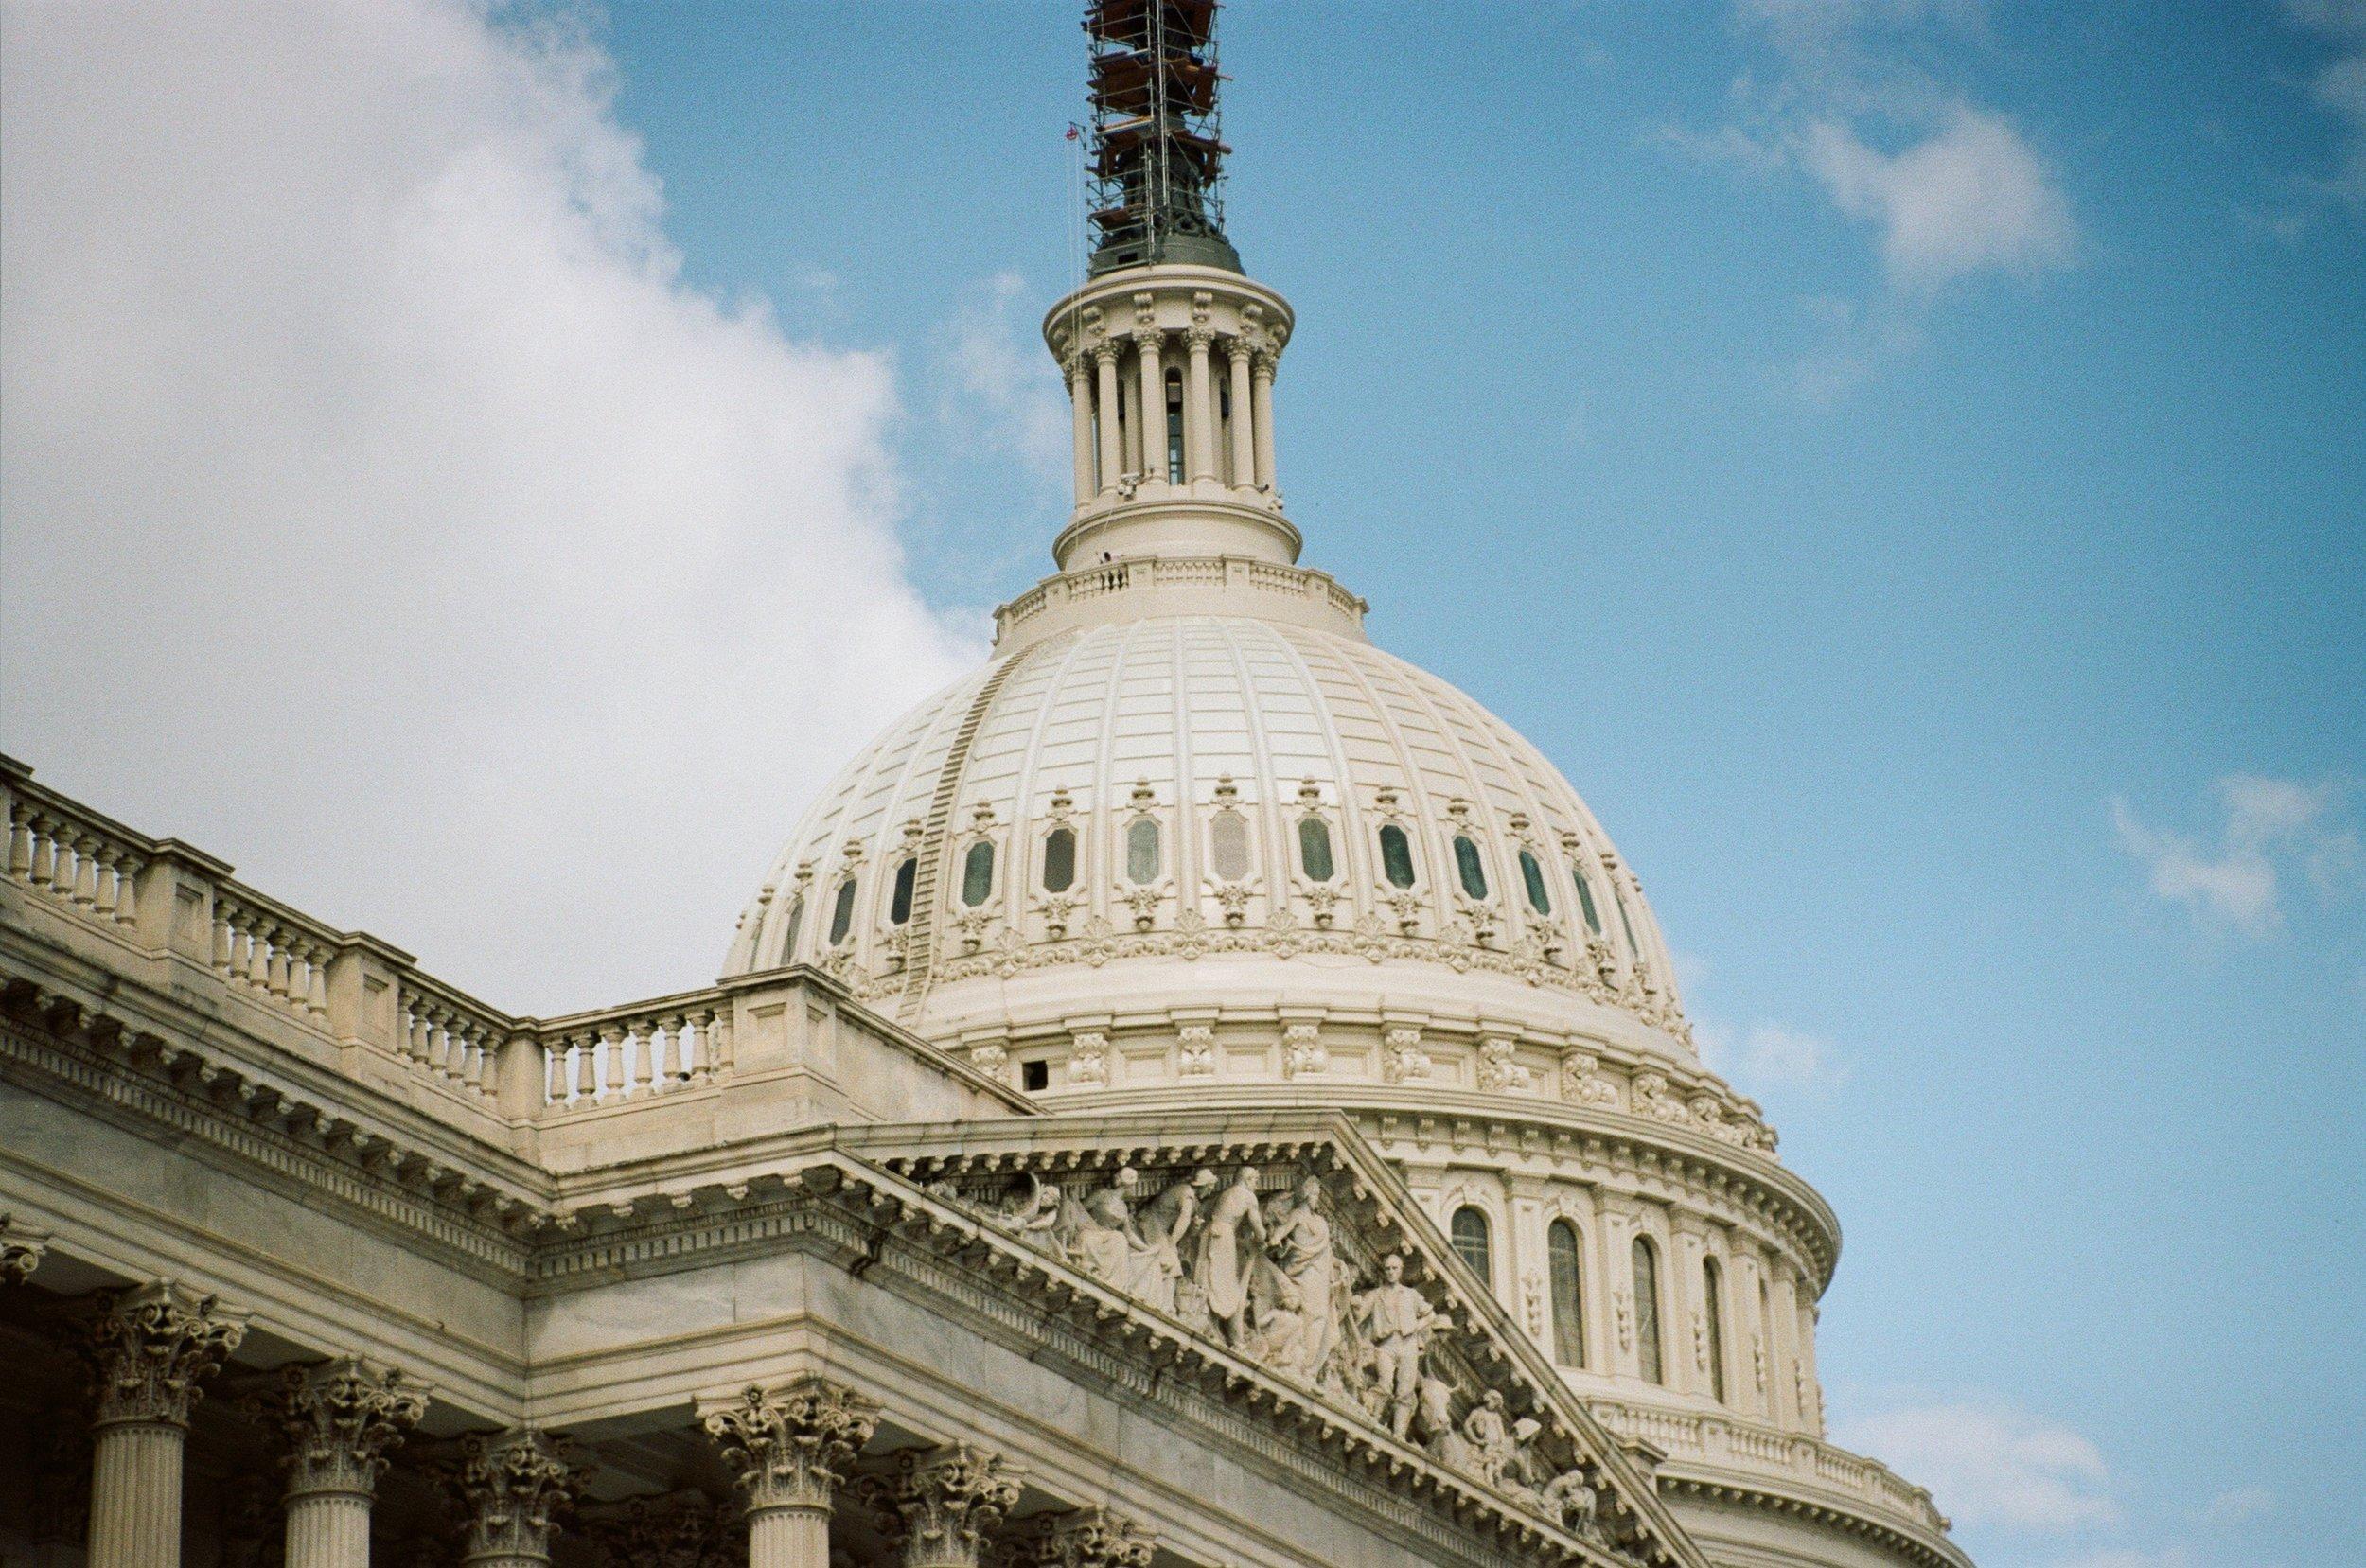 Friction, Washington D.C. USA